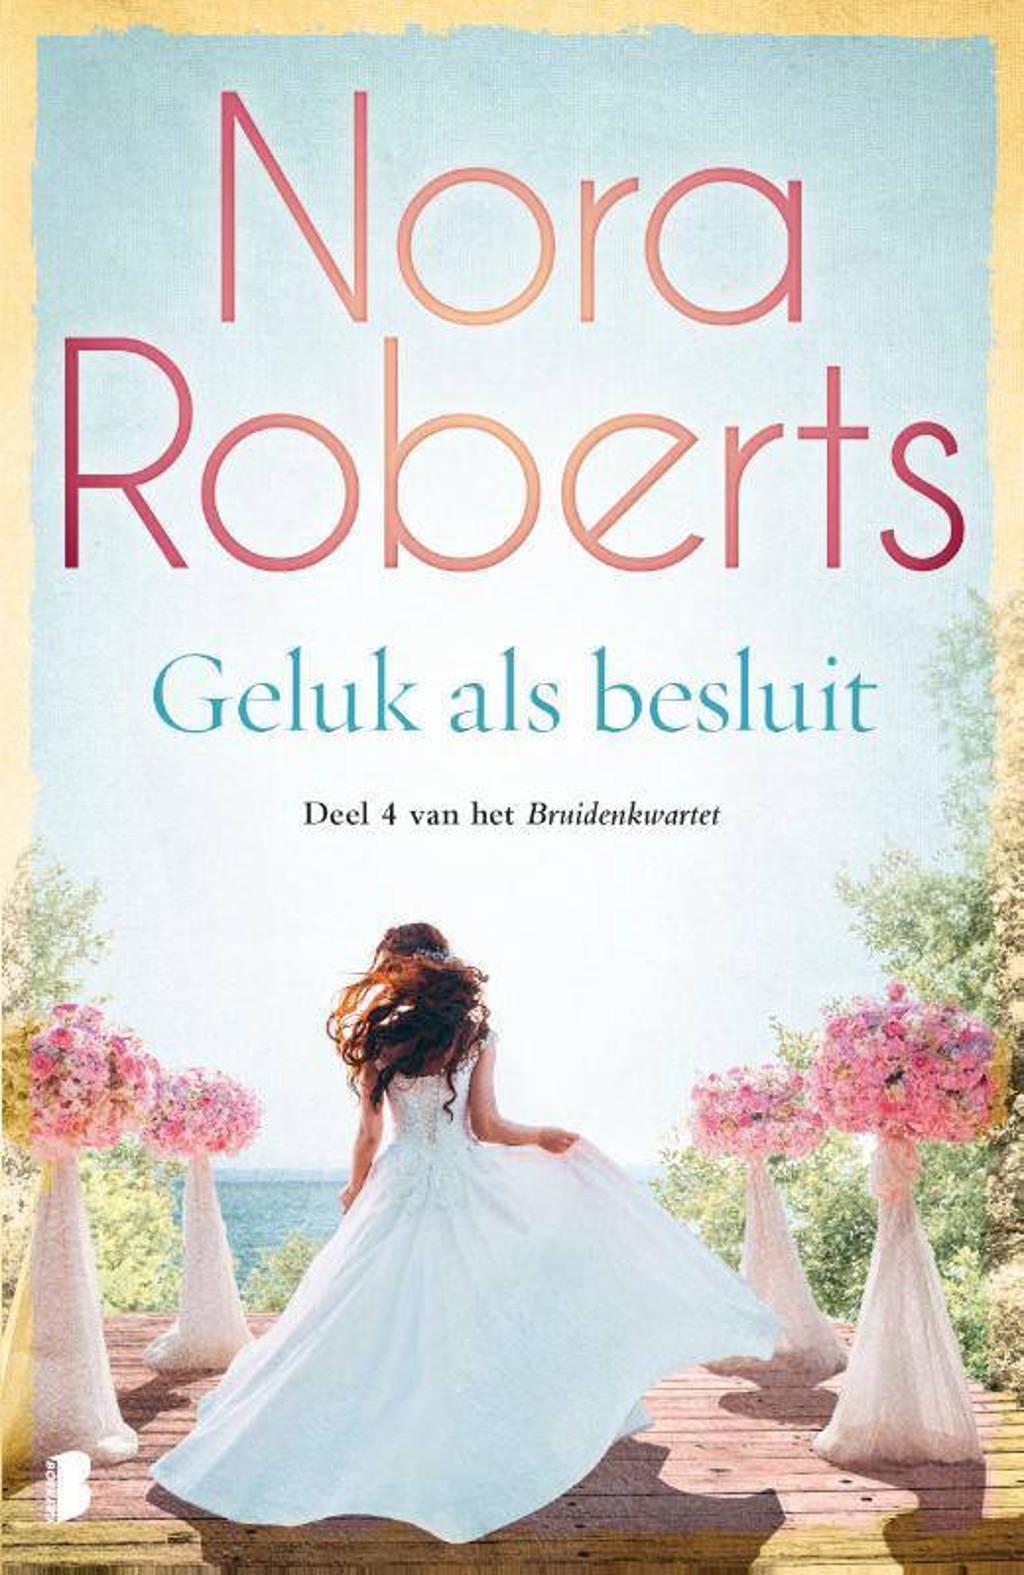 Bruidenkwartet: Geluk als besluit - Nora Roberts